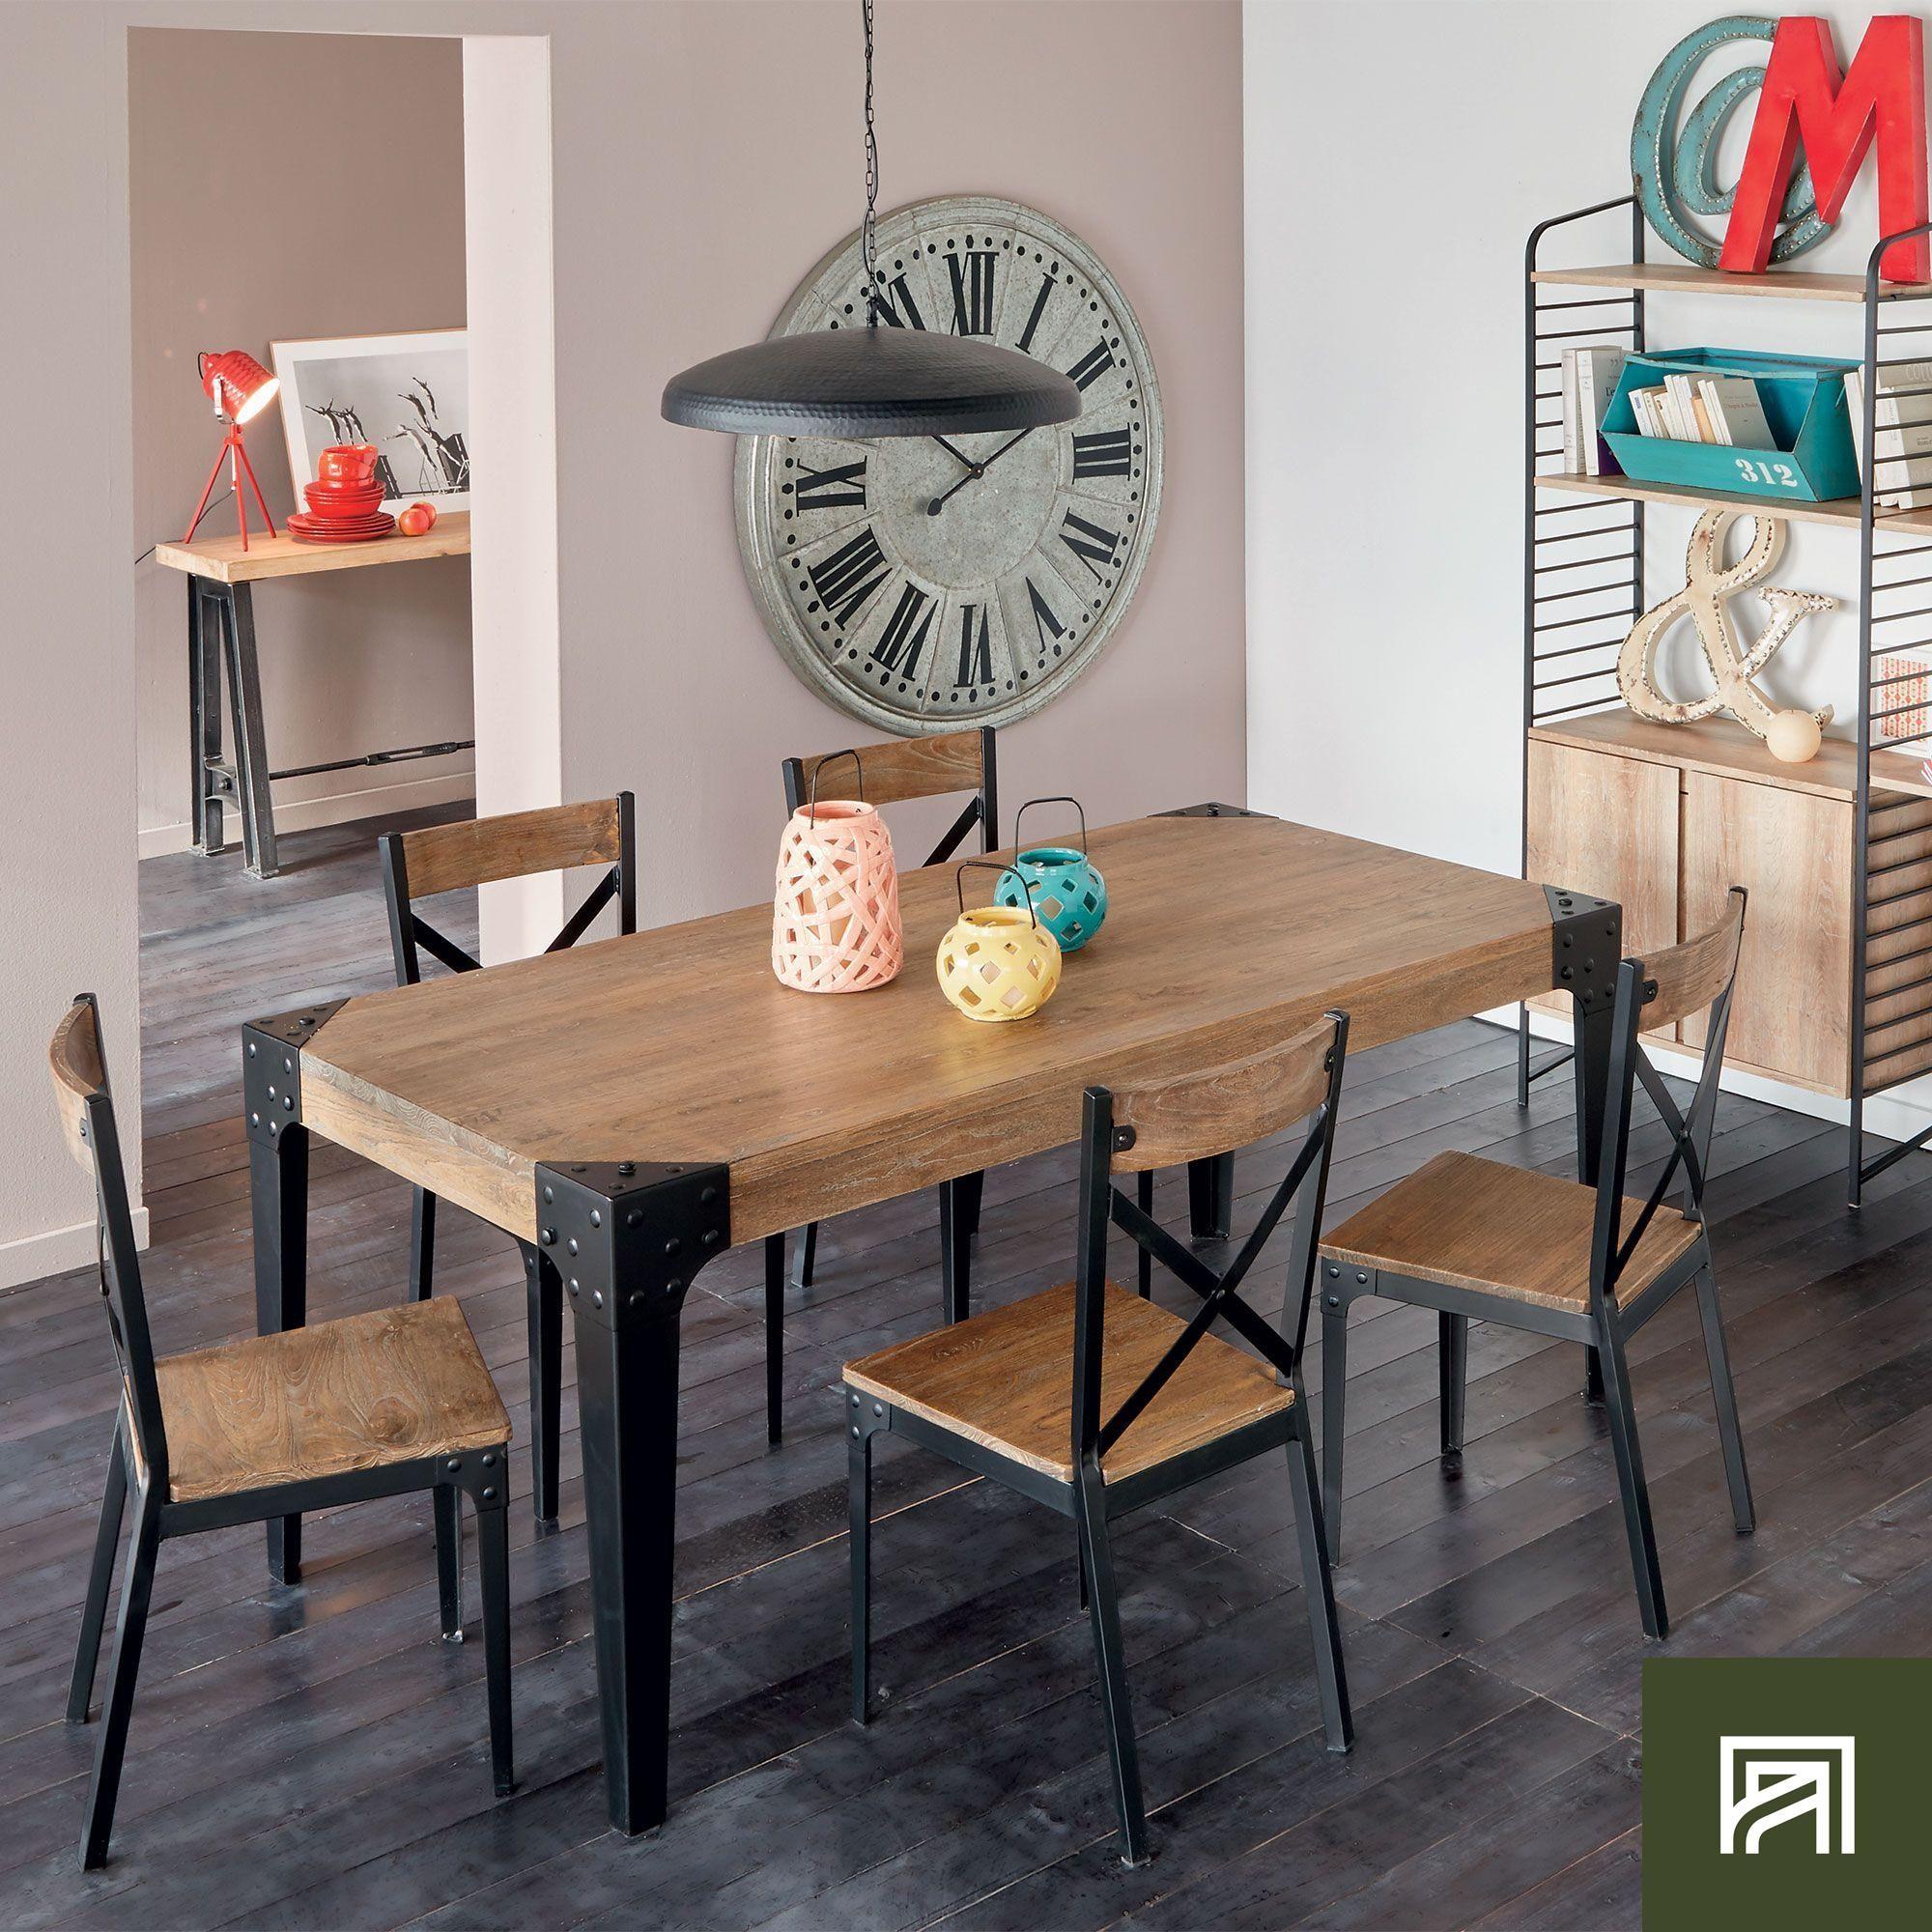 Alinéa Salle À Manger alinea : bark table rectangulaire en orme massif et métal